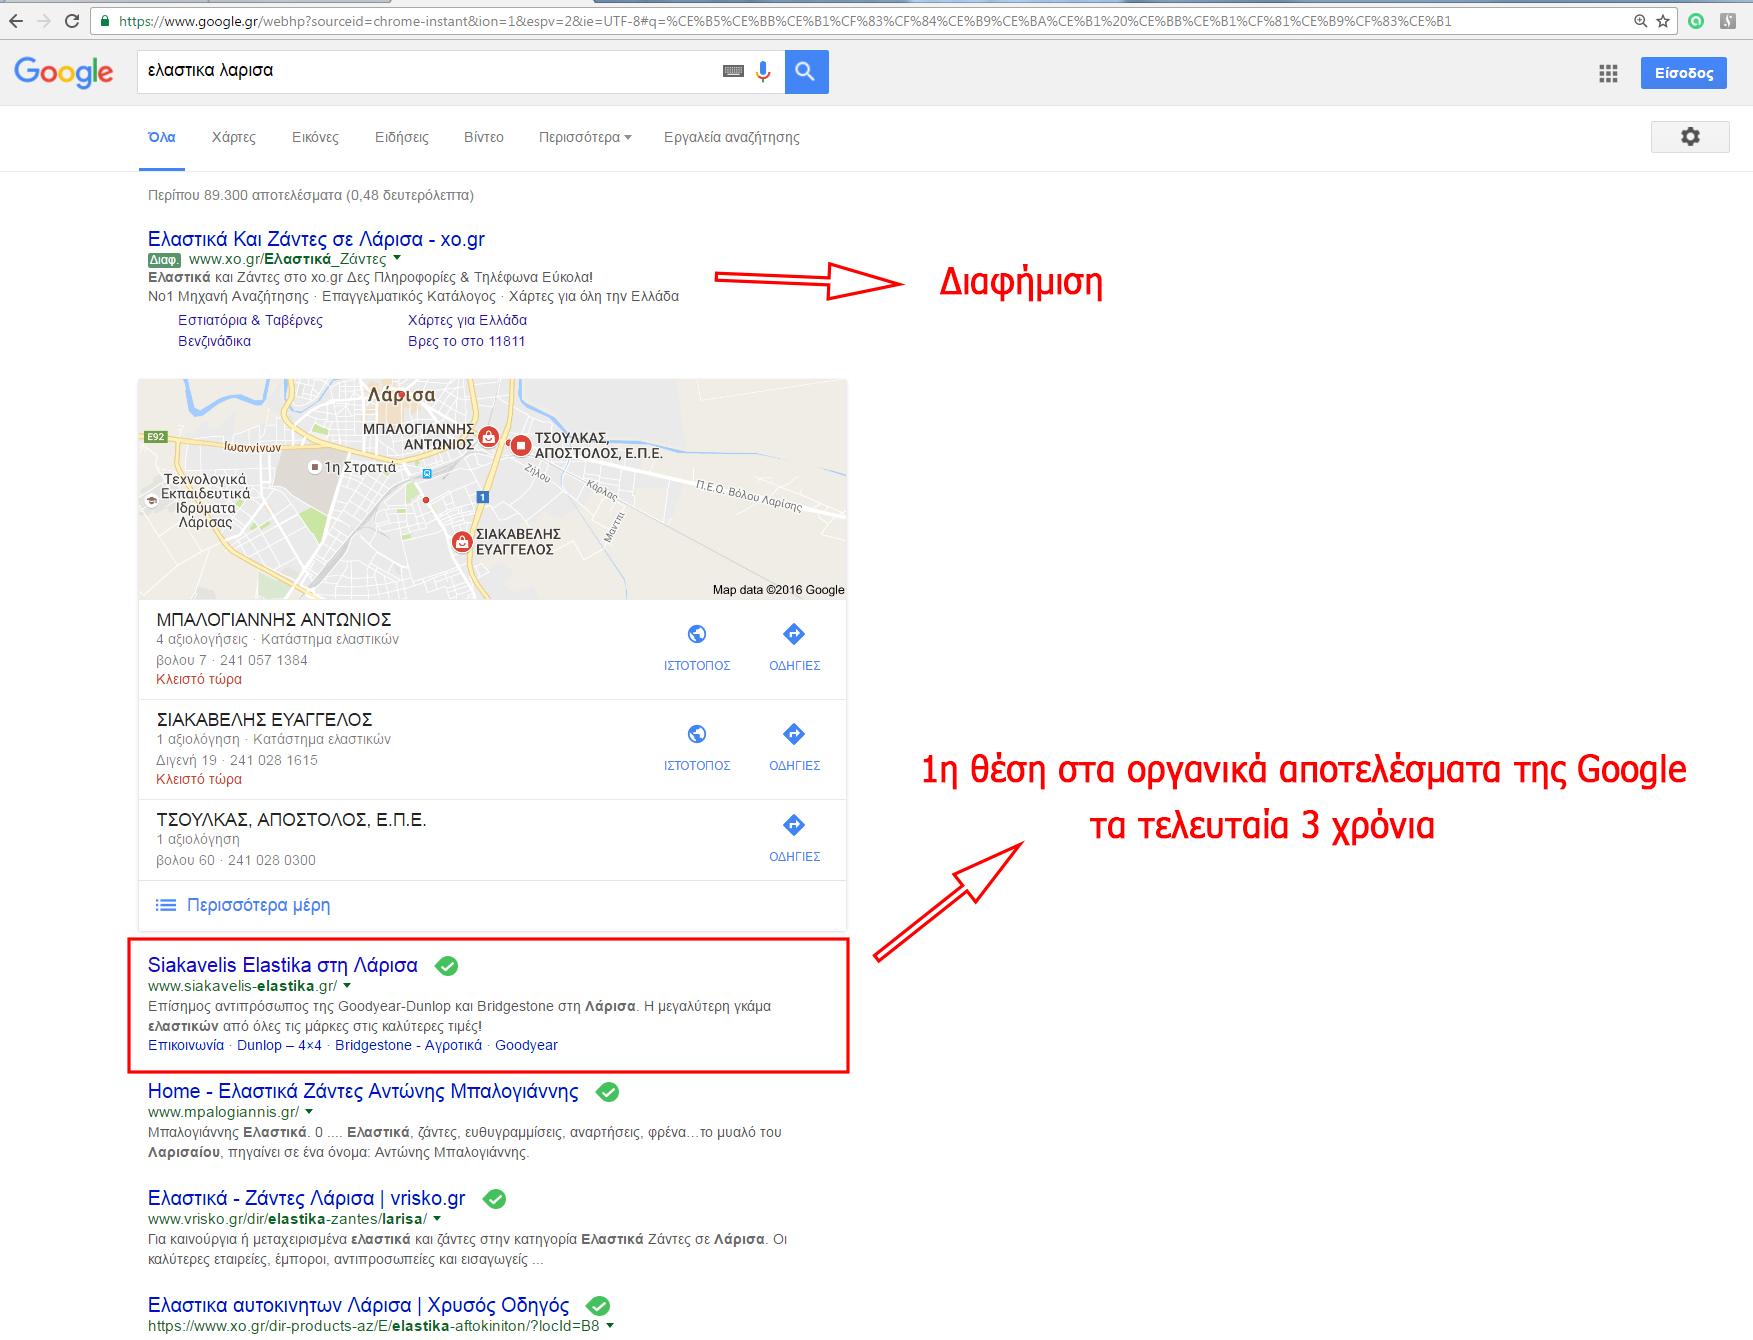 1η θέση στη Google για τα Ελαστικά Σιακαβέλης